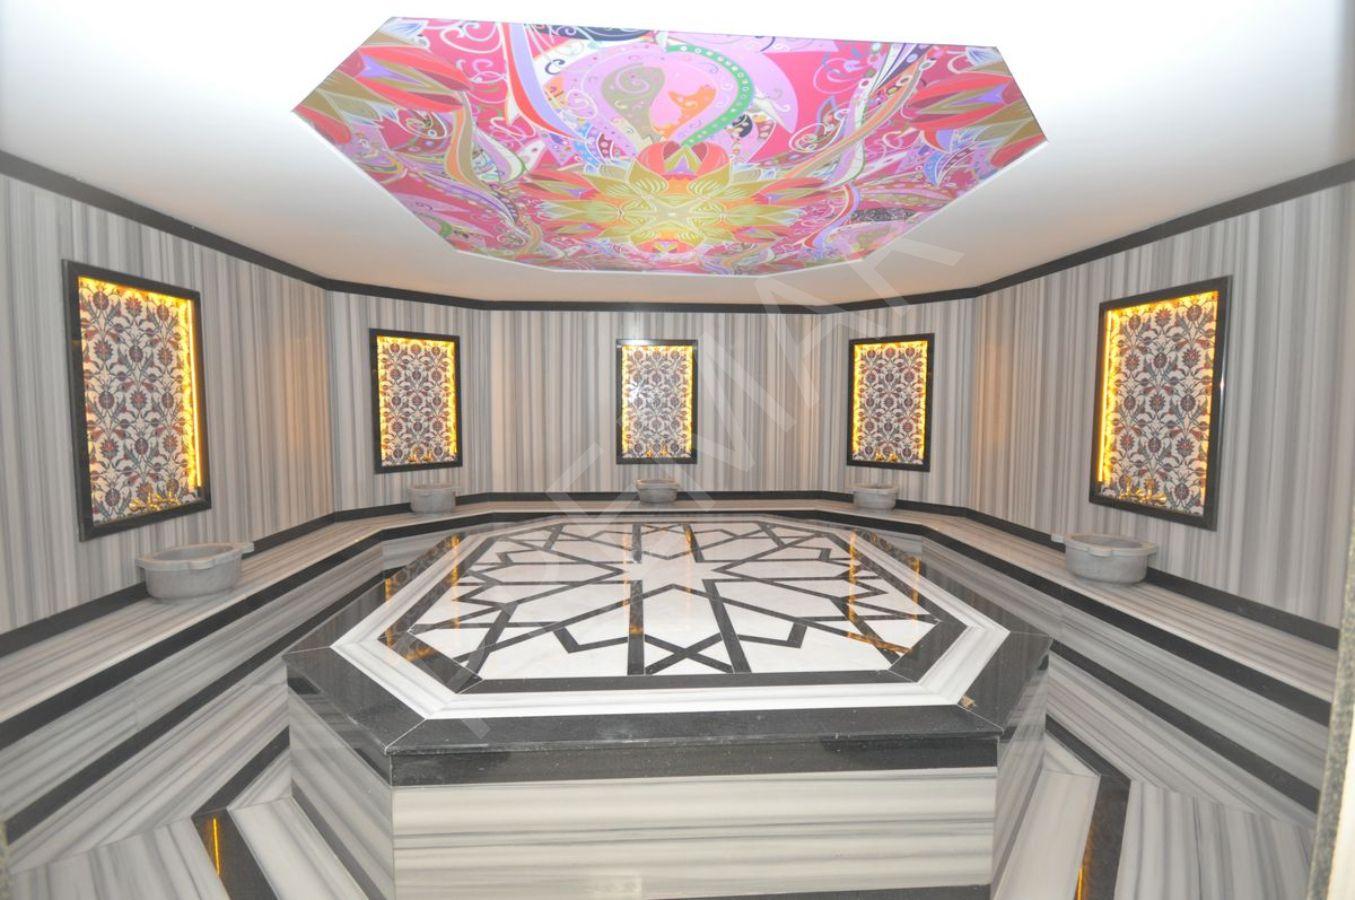 Platinum Aqua 3+1 Residence-          ПРОДАЕТСЯ 3+1 РЕЗИДЕНЦИЯ Platinum Aqua